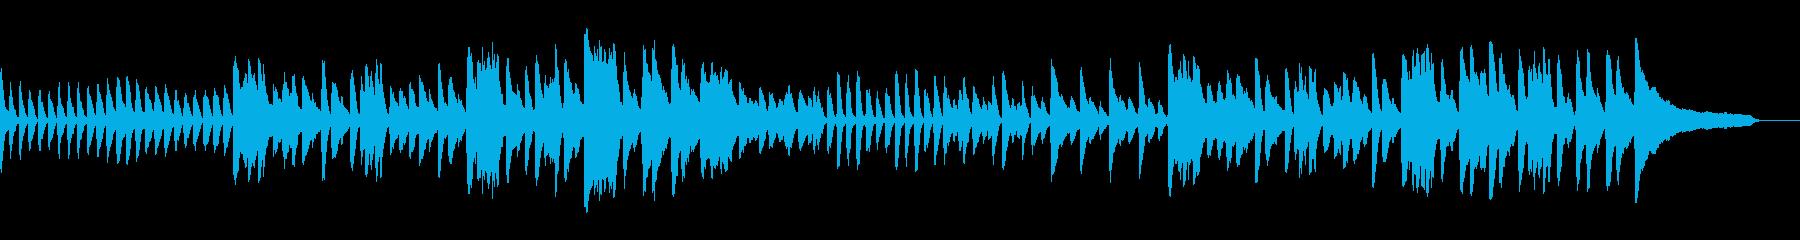 スタイリッシュであたたかい空間なピアノ曲の再生済みの波形